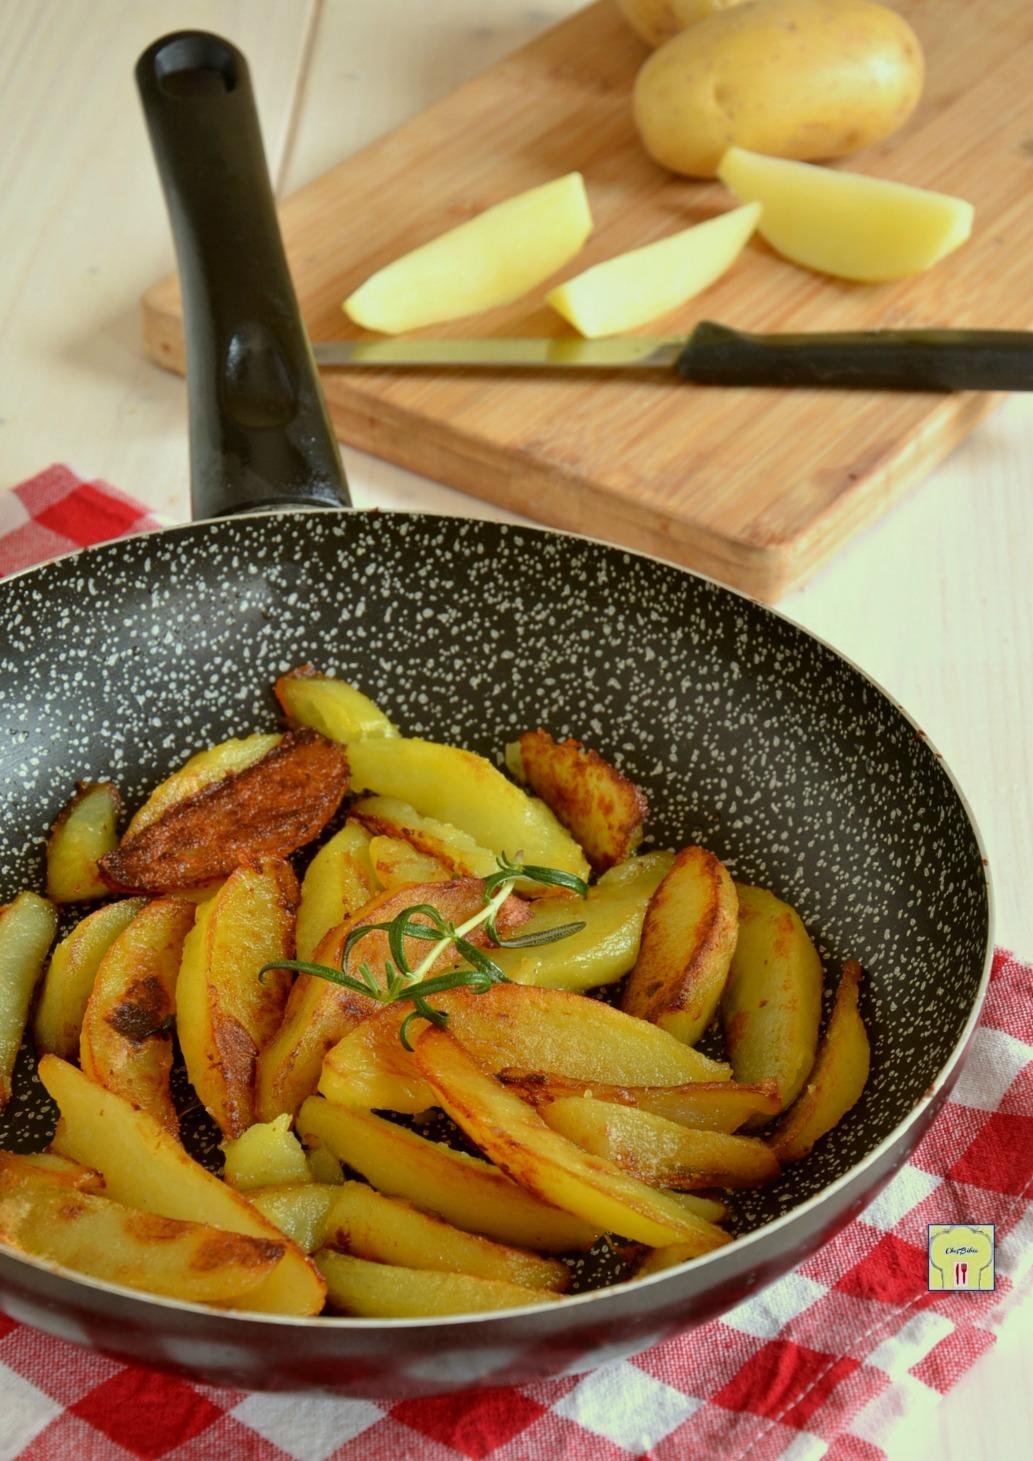 patate croccanti in padella gp